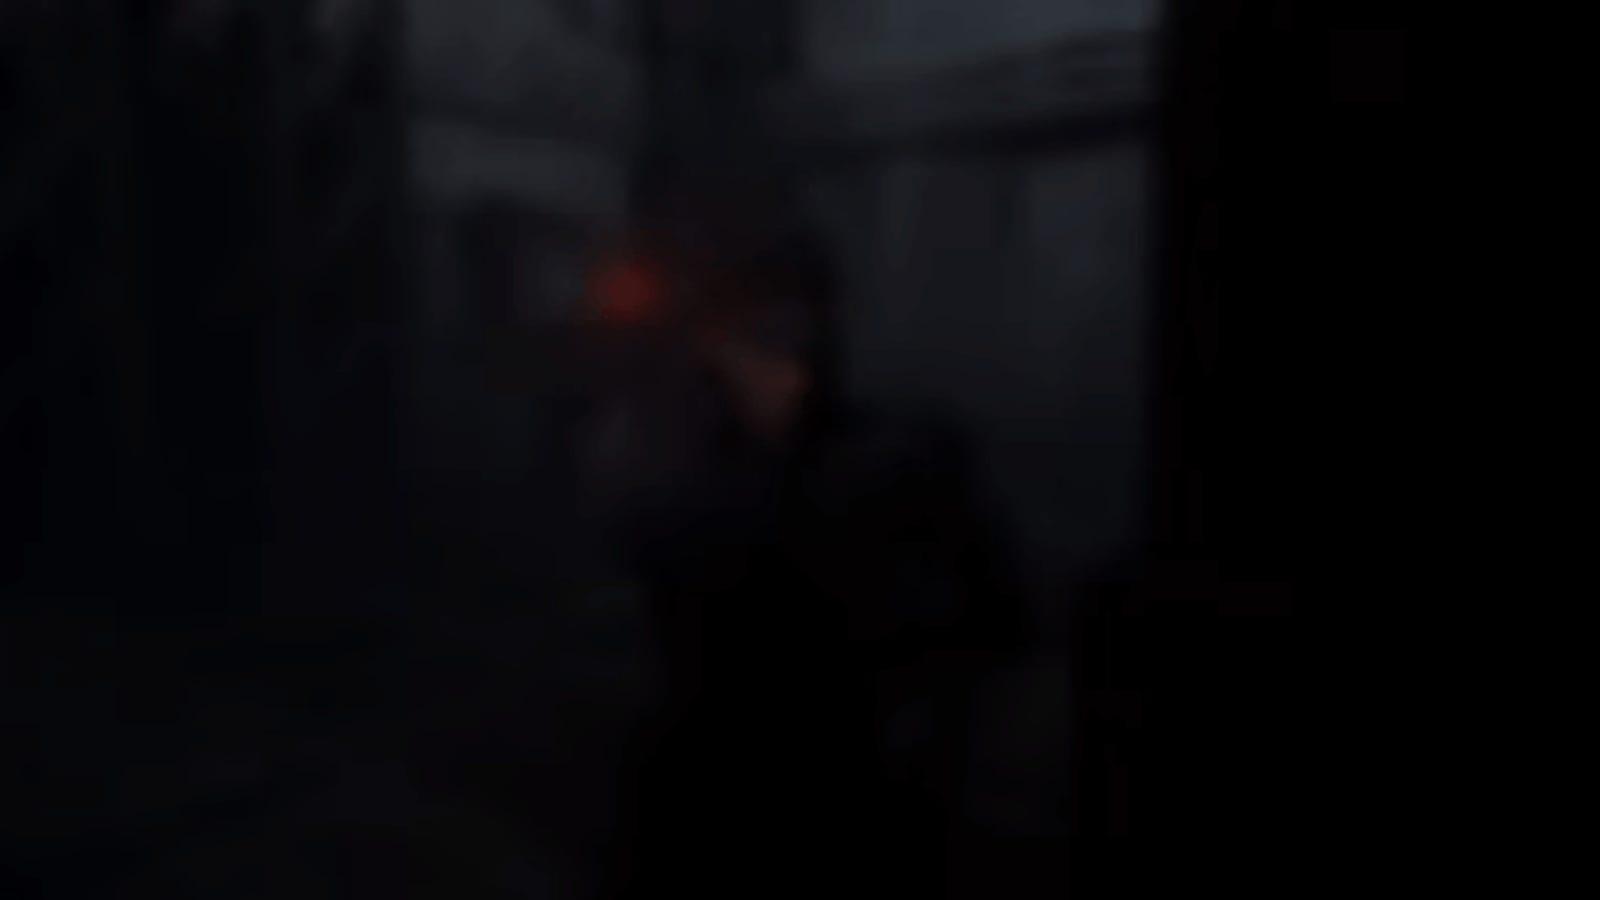 Un remake hecho con Unreal Engine del primer Metal Gear Solid se ve mejor que el original